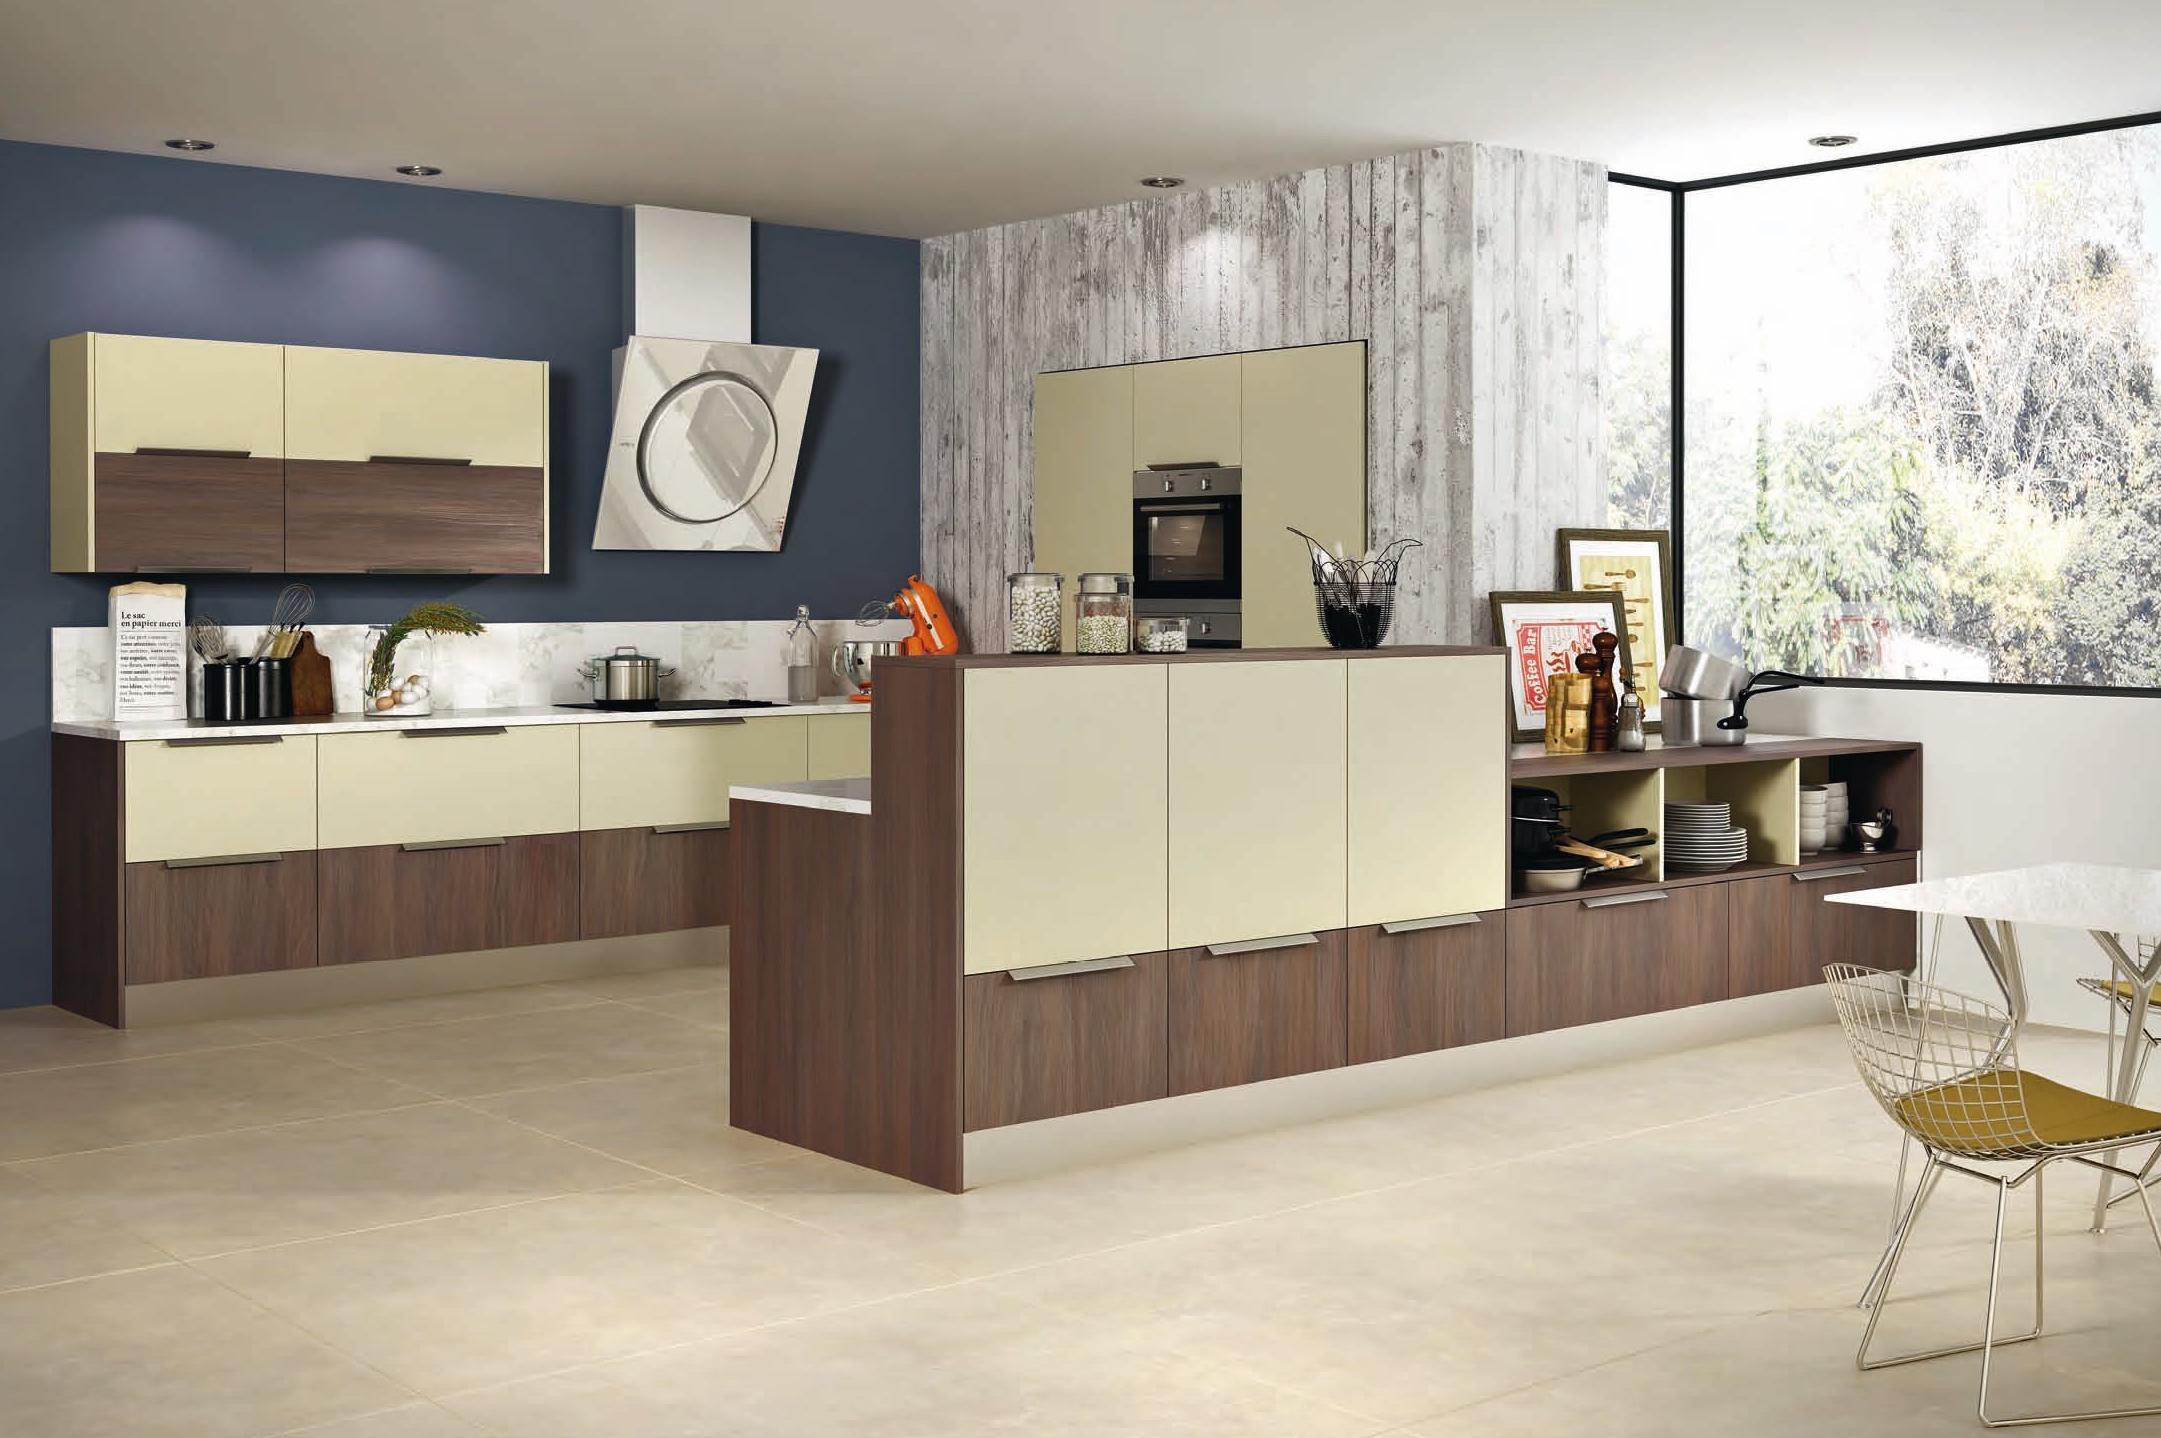 Cocina kubanite servicios y productos de instal lacions - Encimeras alvic ...